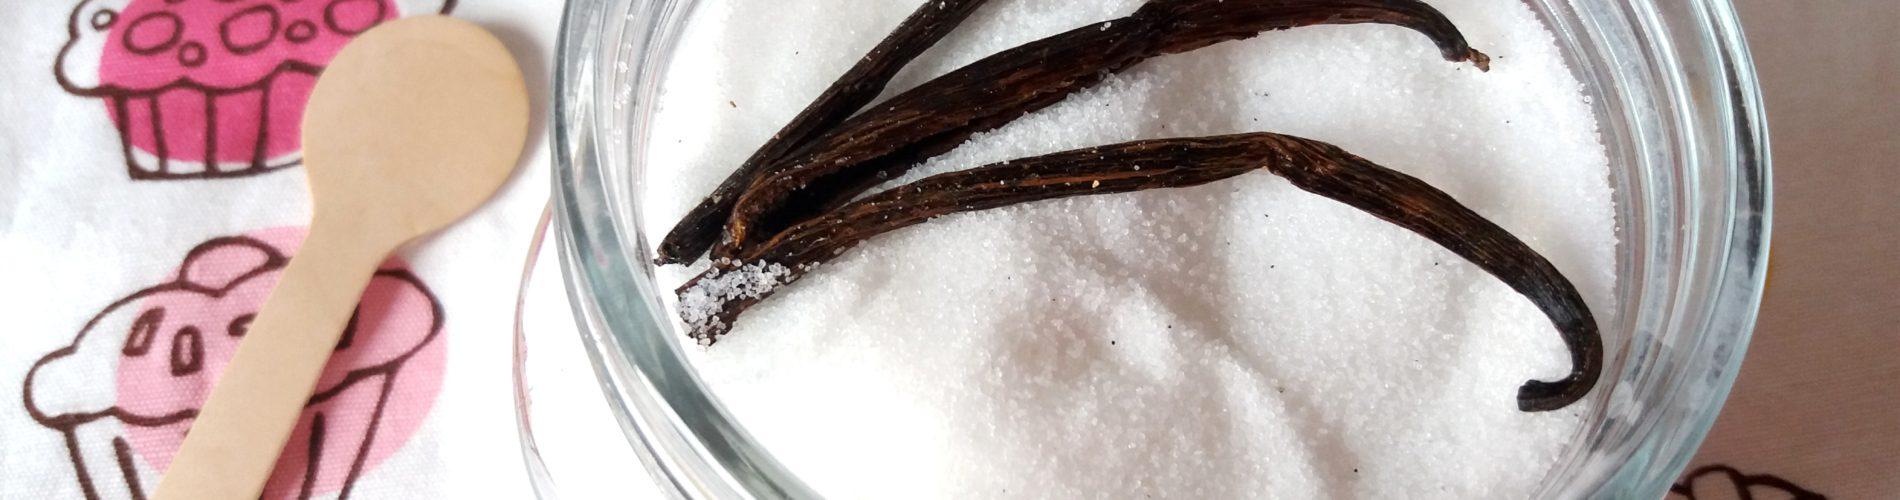 Vaníliás cukor helyett vaníliás édesítő